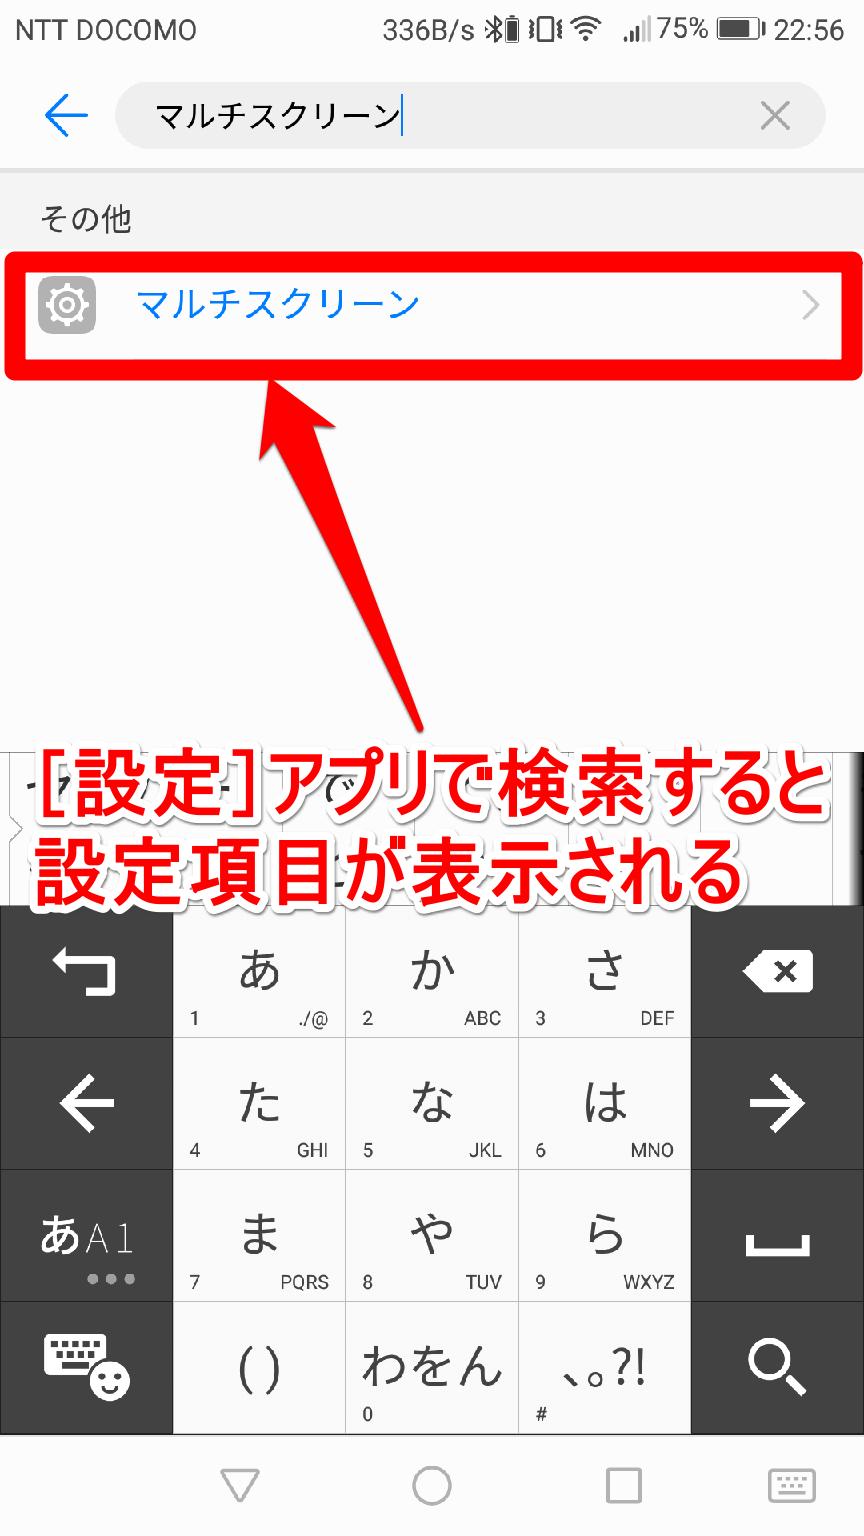 [設定]アプリで「マルチスクリーン」を検索したところ